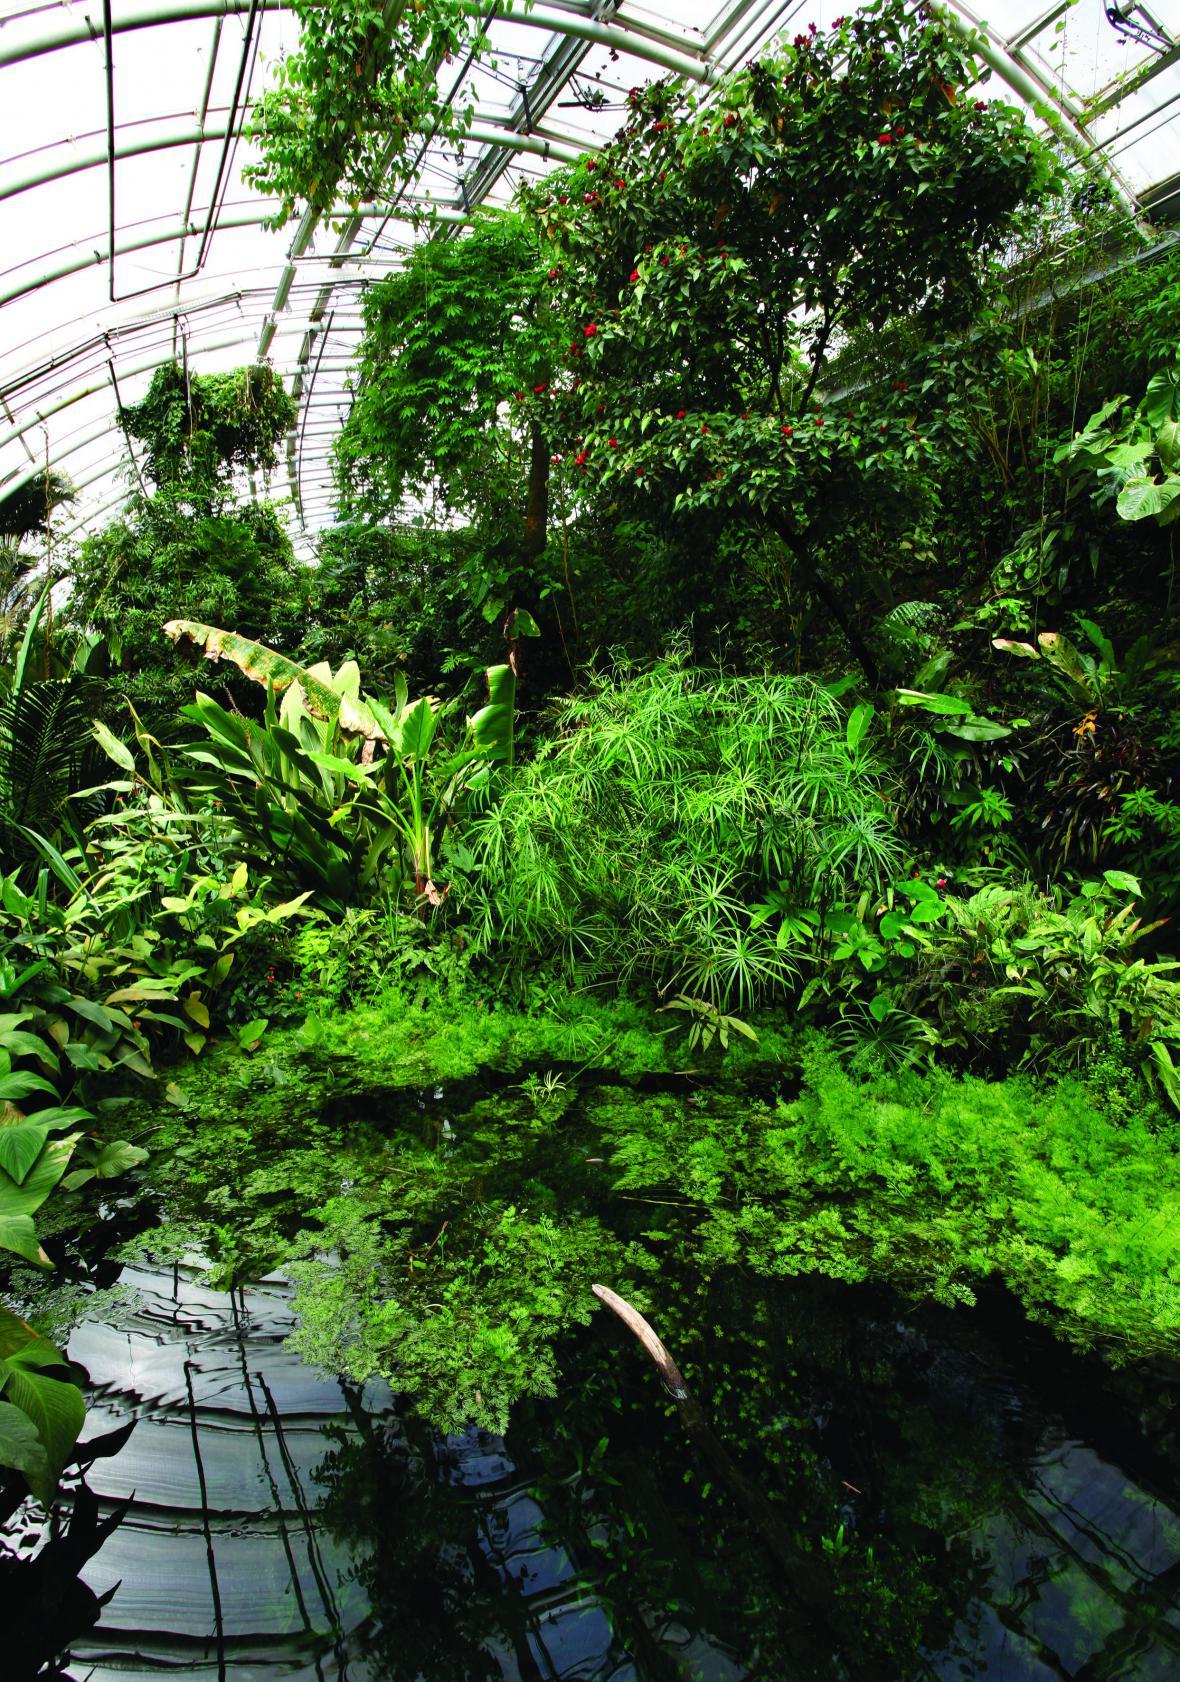 Skleník Fata Morgana v Botanické zahradě Praha